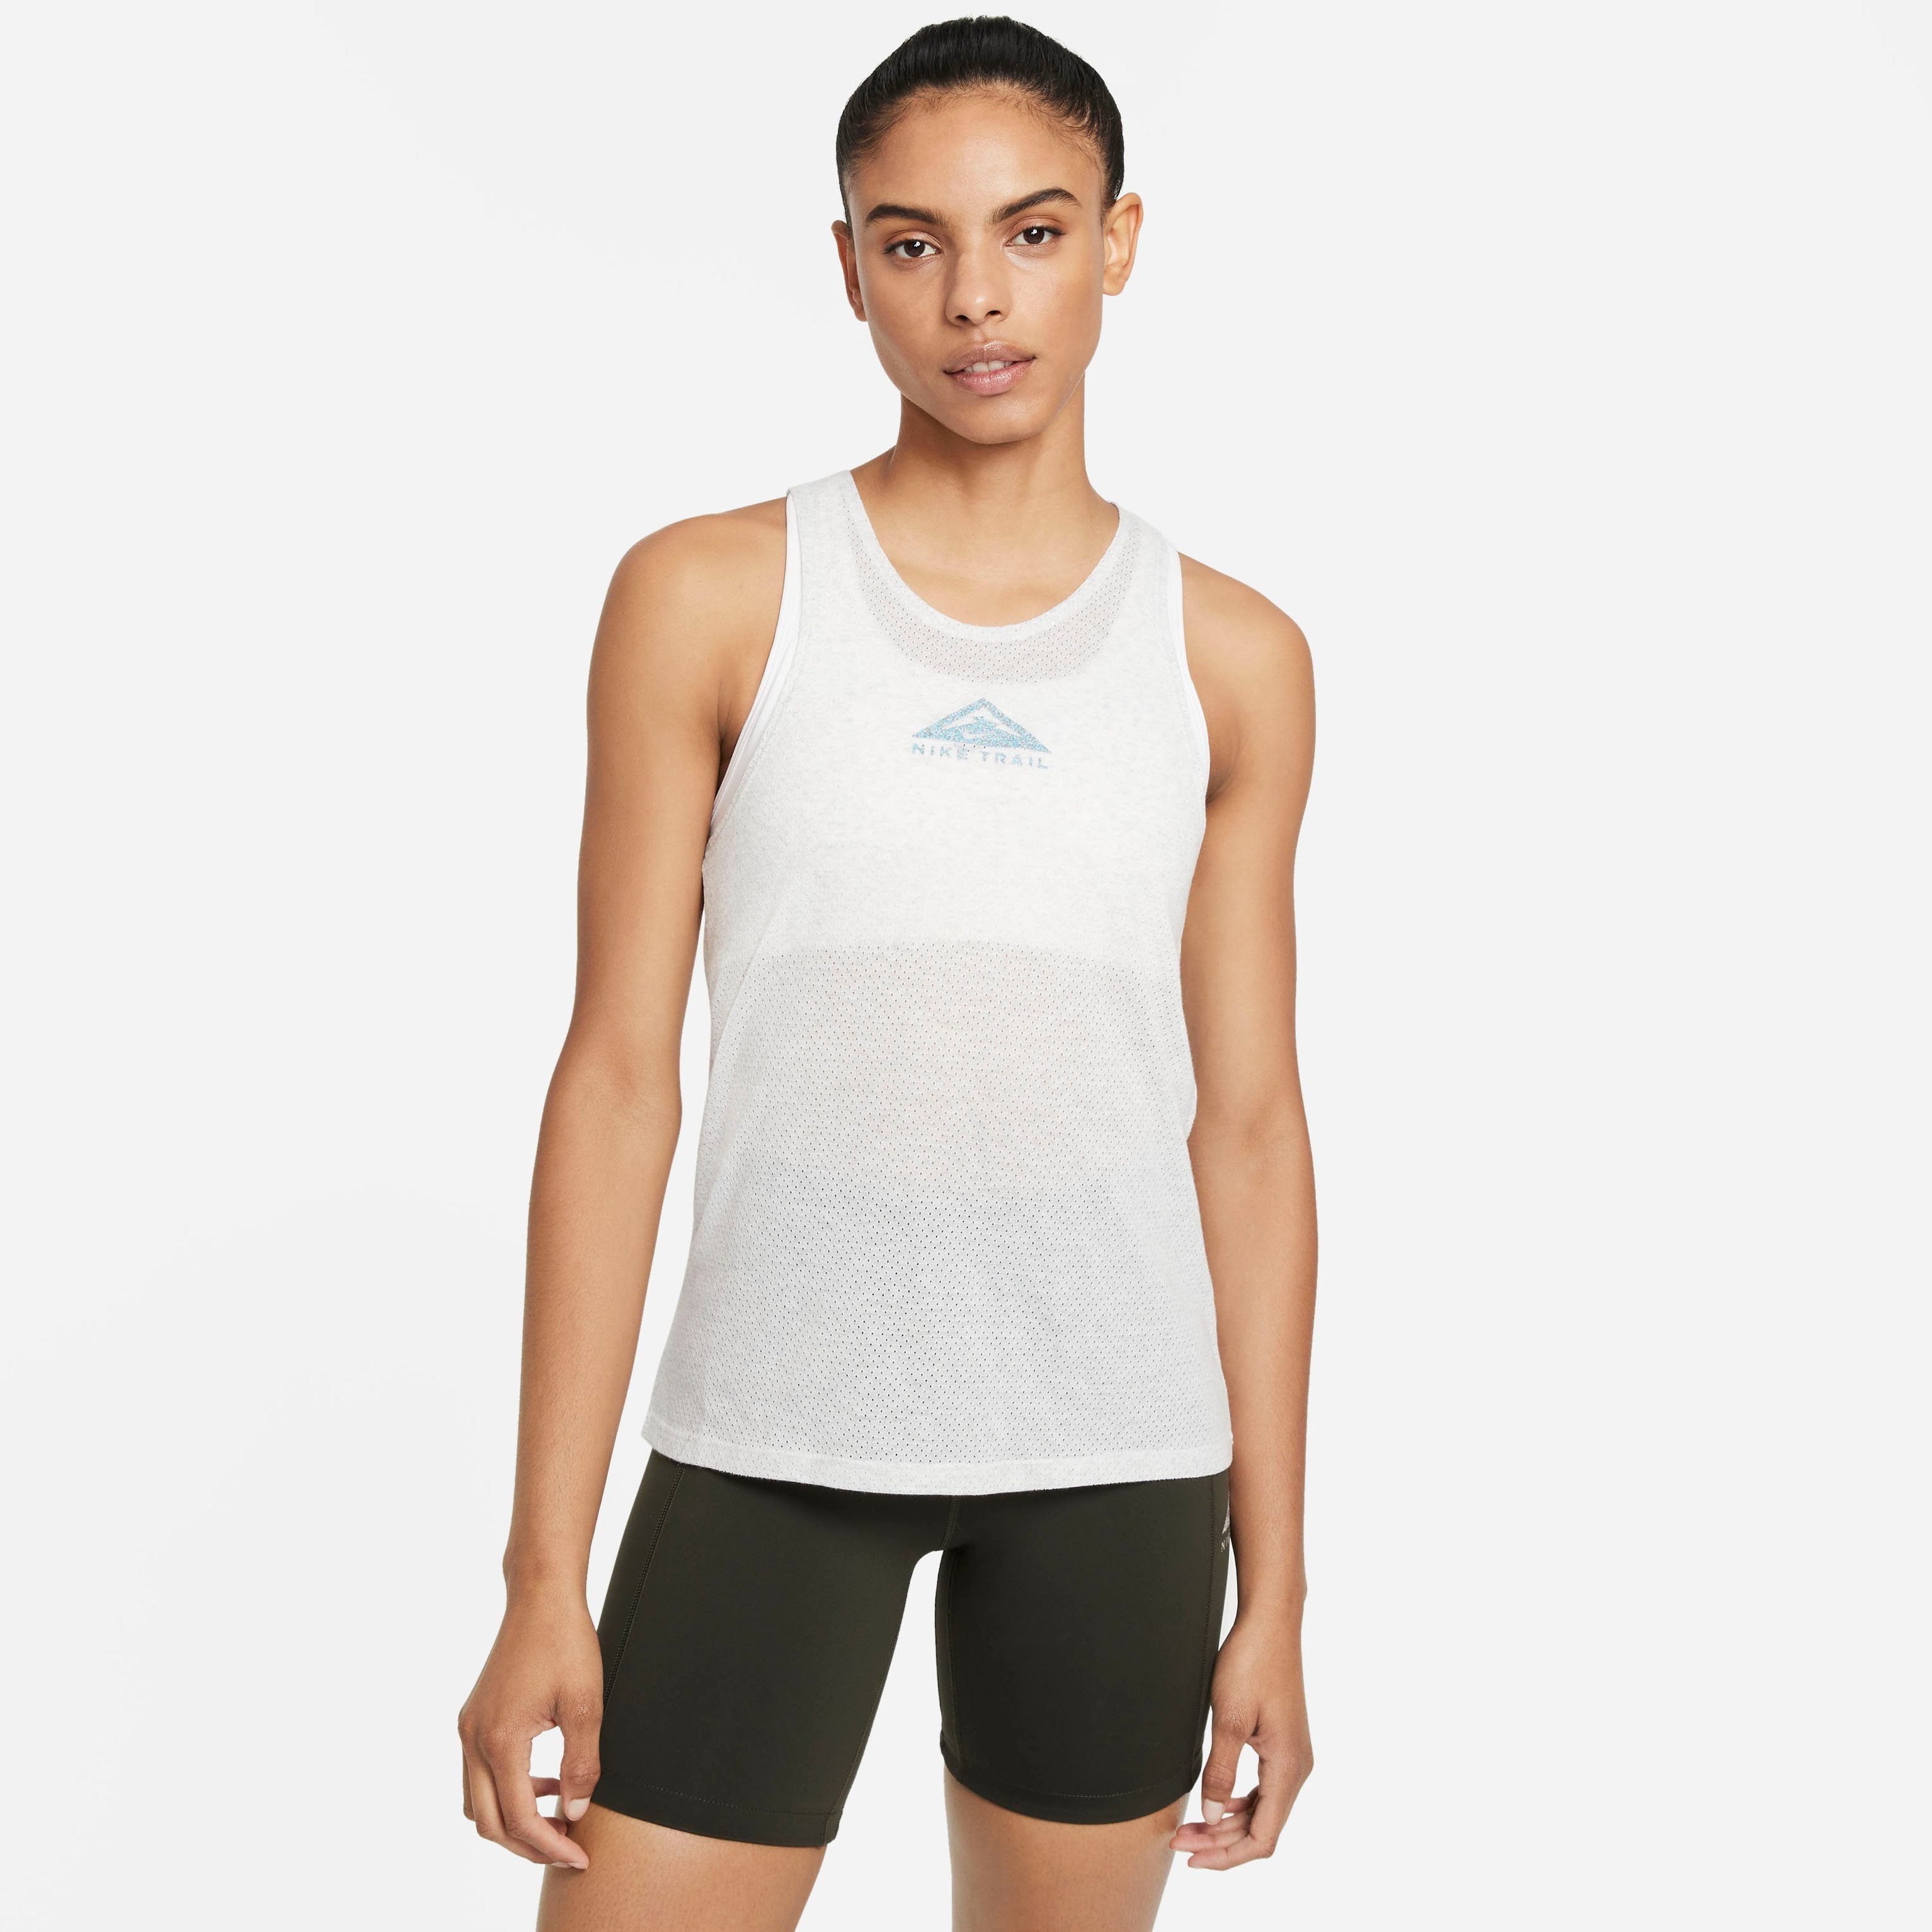 Nike runningtop CITY SLEEK WOMENS TRAIL RUNNING TANK - verschillende betaalmethodes